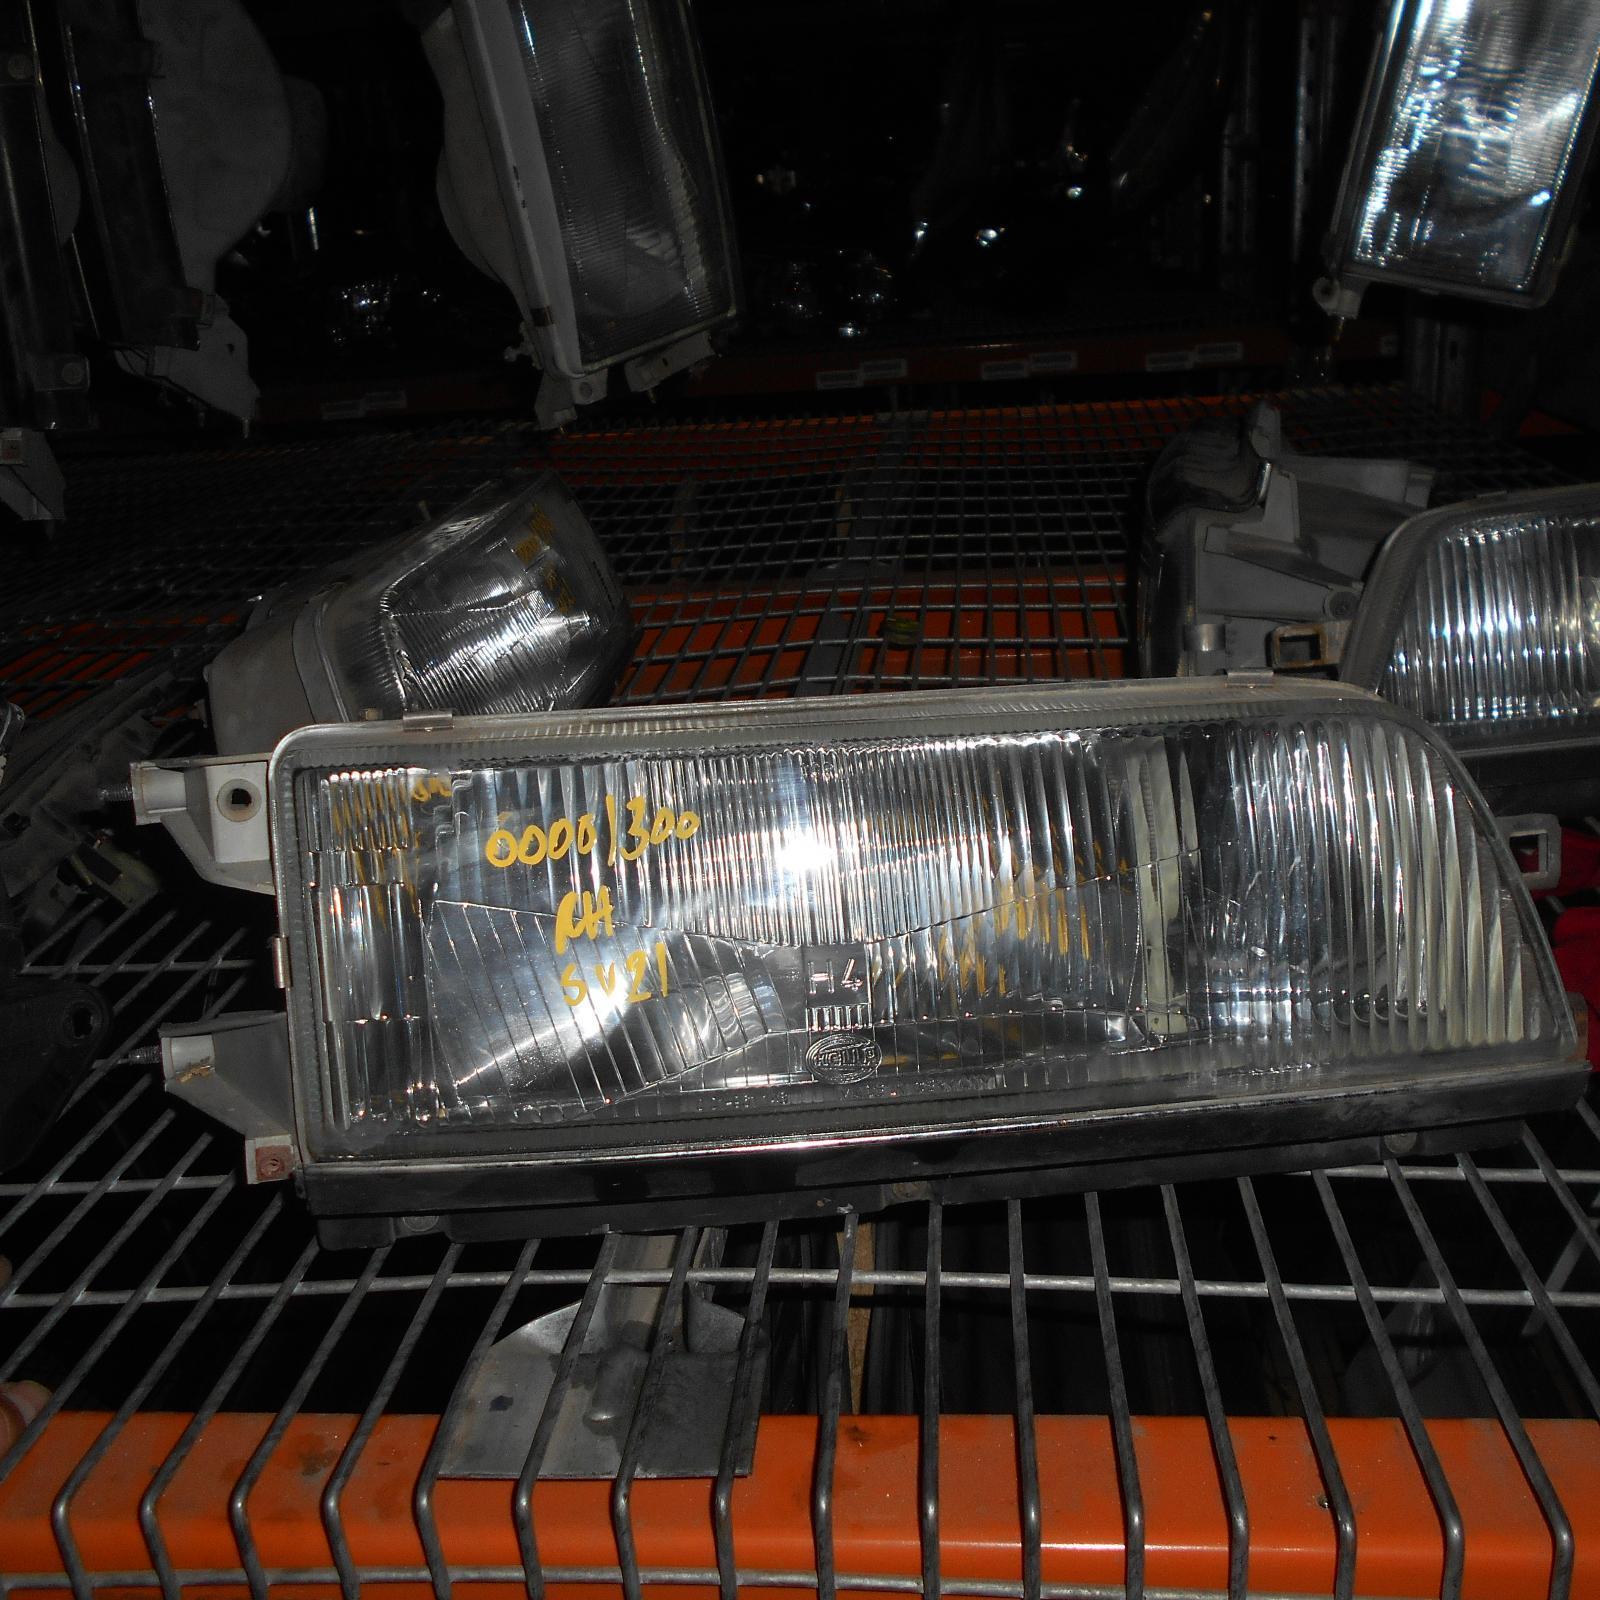 TOYOTA CAMRY, Right Headlamp, SV21 (KOITO 32-35), 03/87-09/89